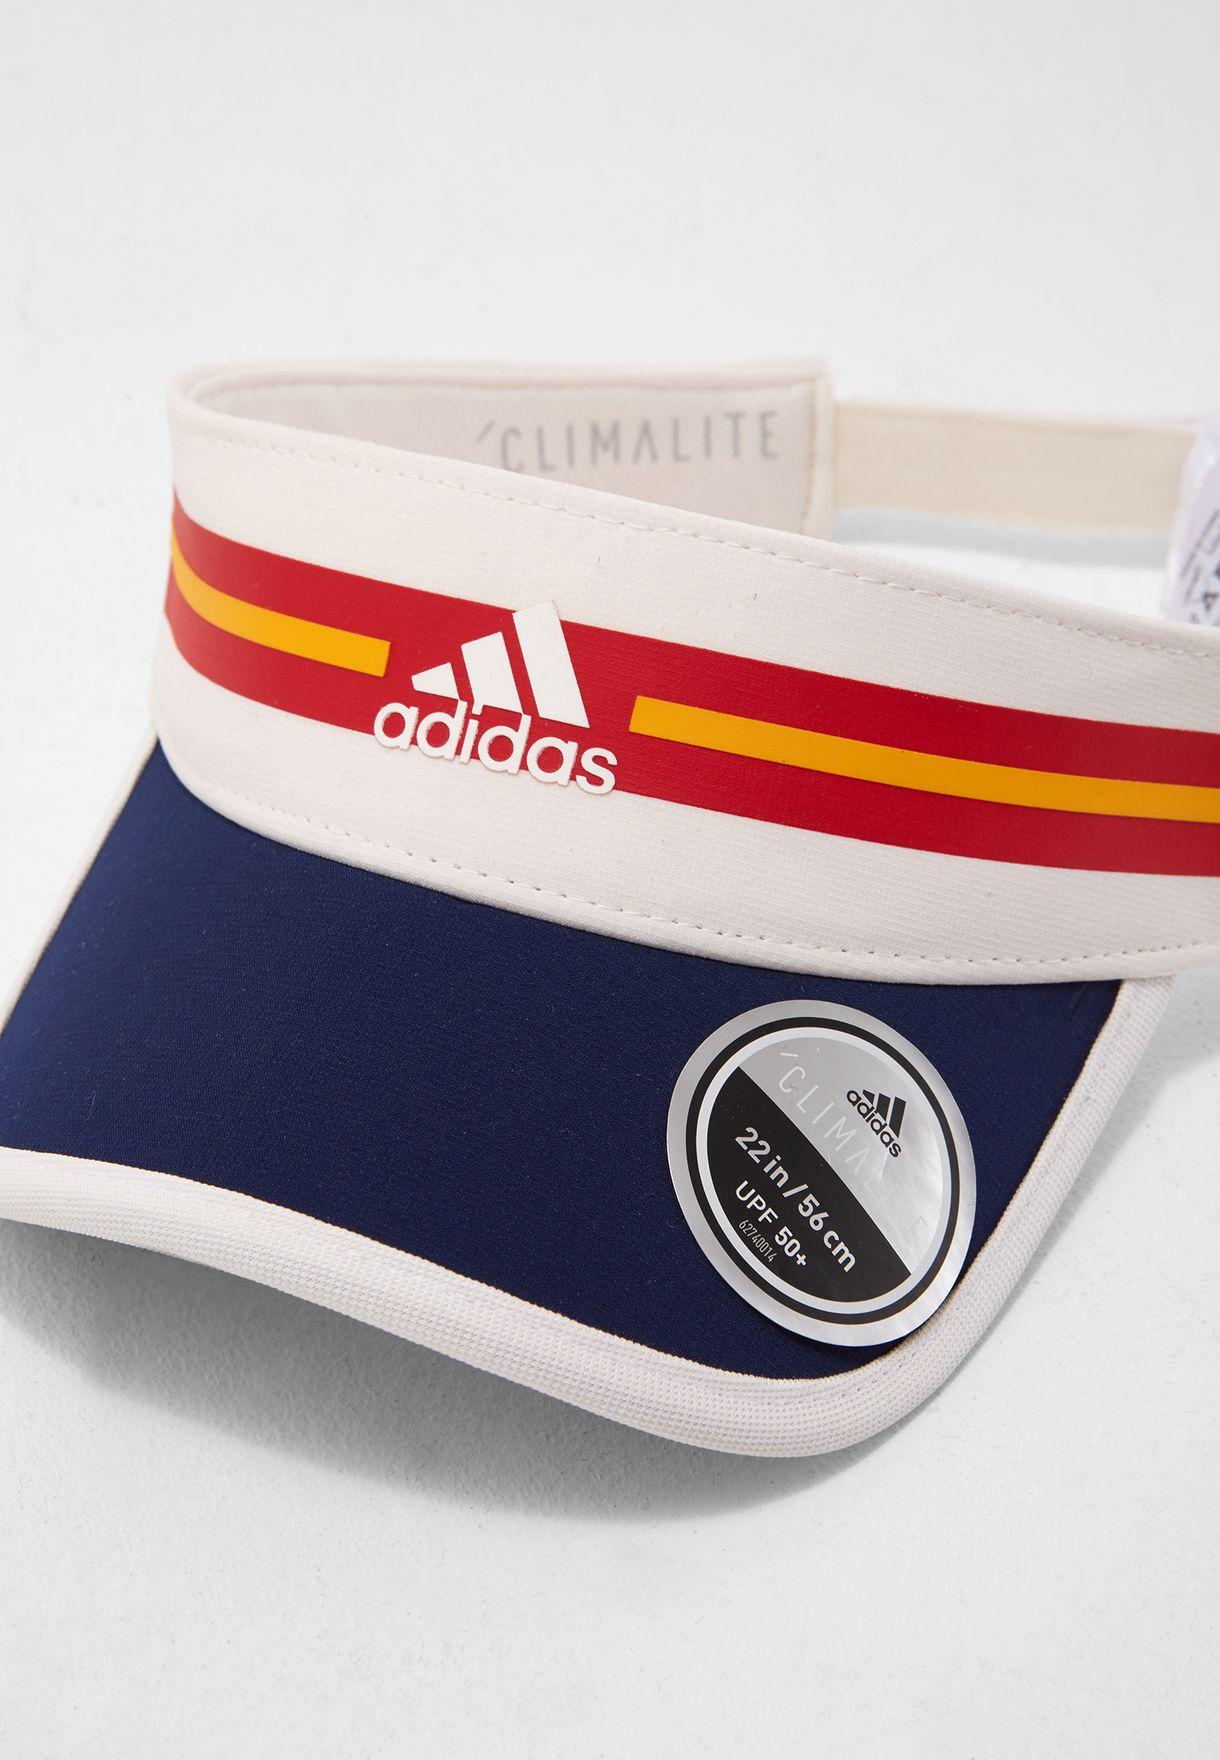 6264f4affe6 Shop adidas multicolor Pharrell NYC Climalite Visor Cap CD2123 for ...